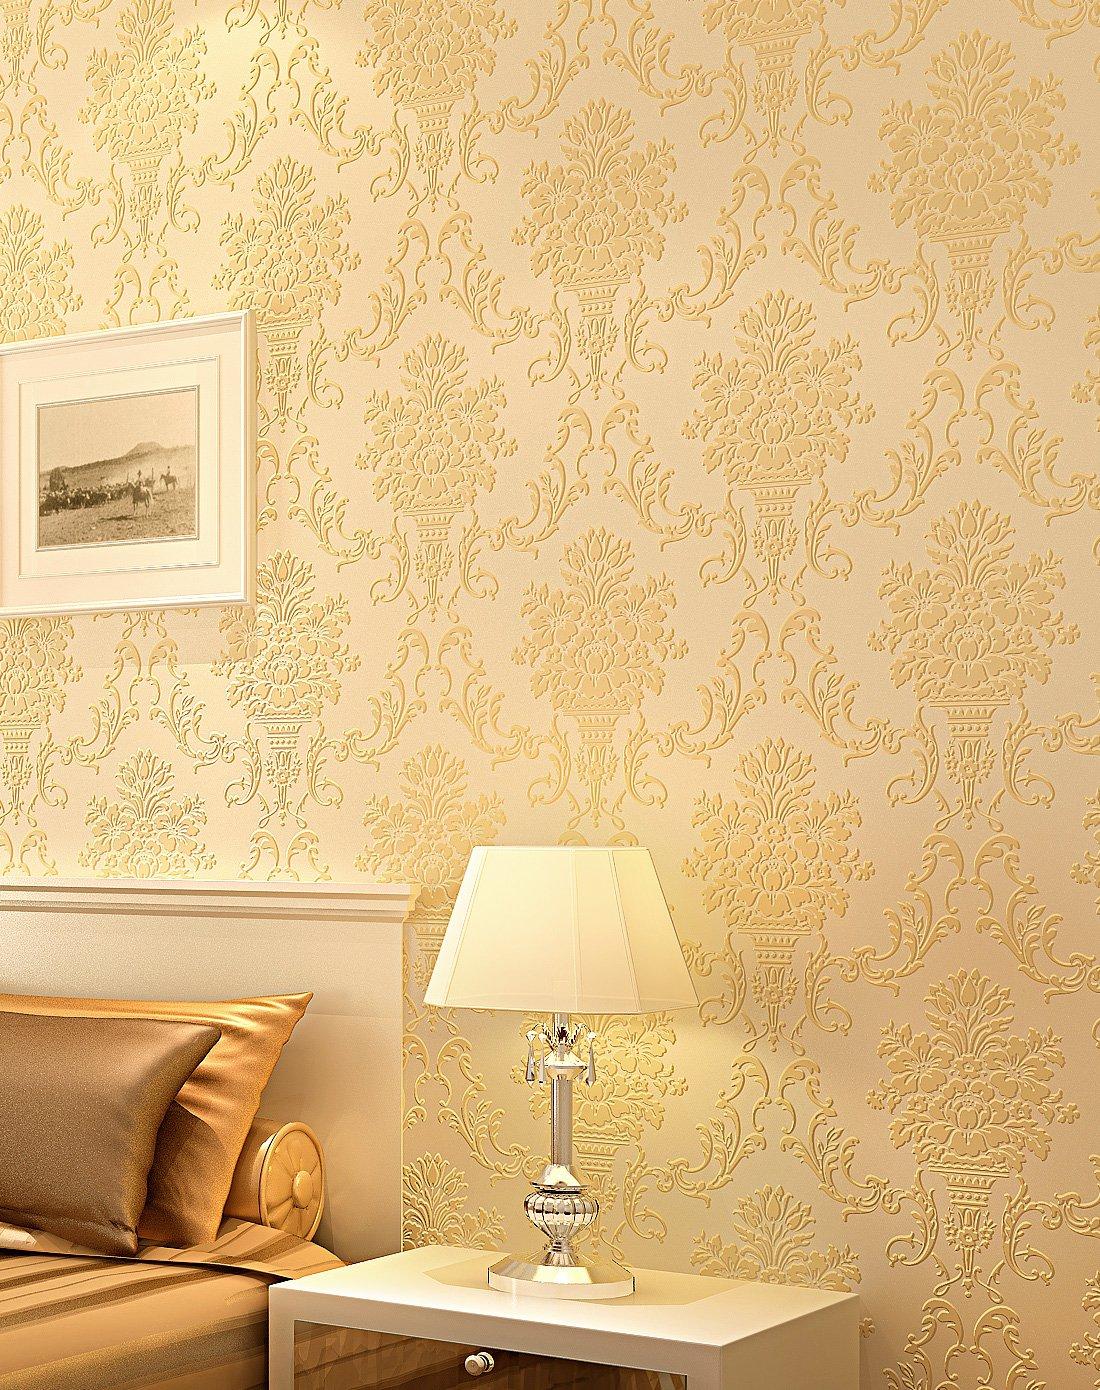 纸尚美学墙纸专场米黄色欧式3d立体天鹅绒无纺布壁纸图片